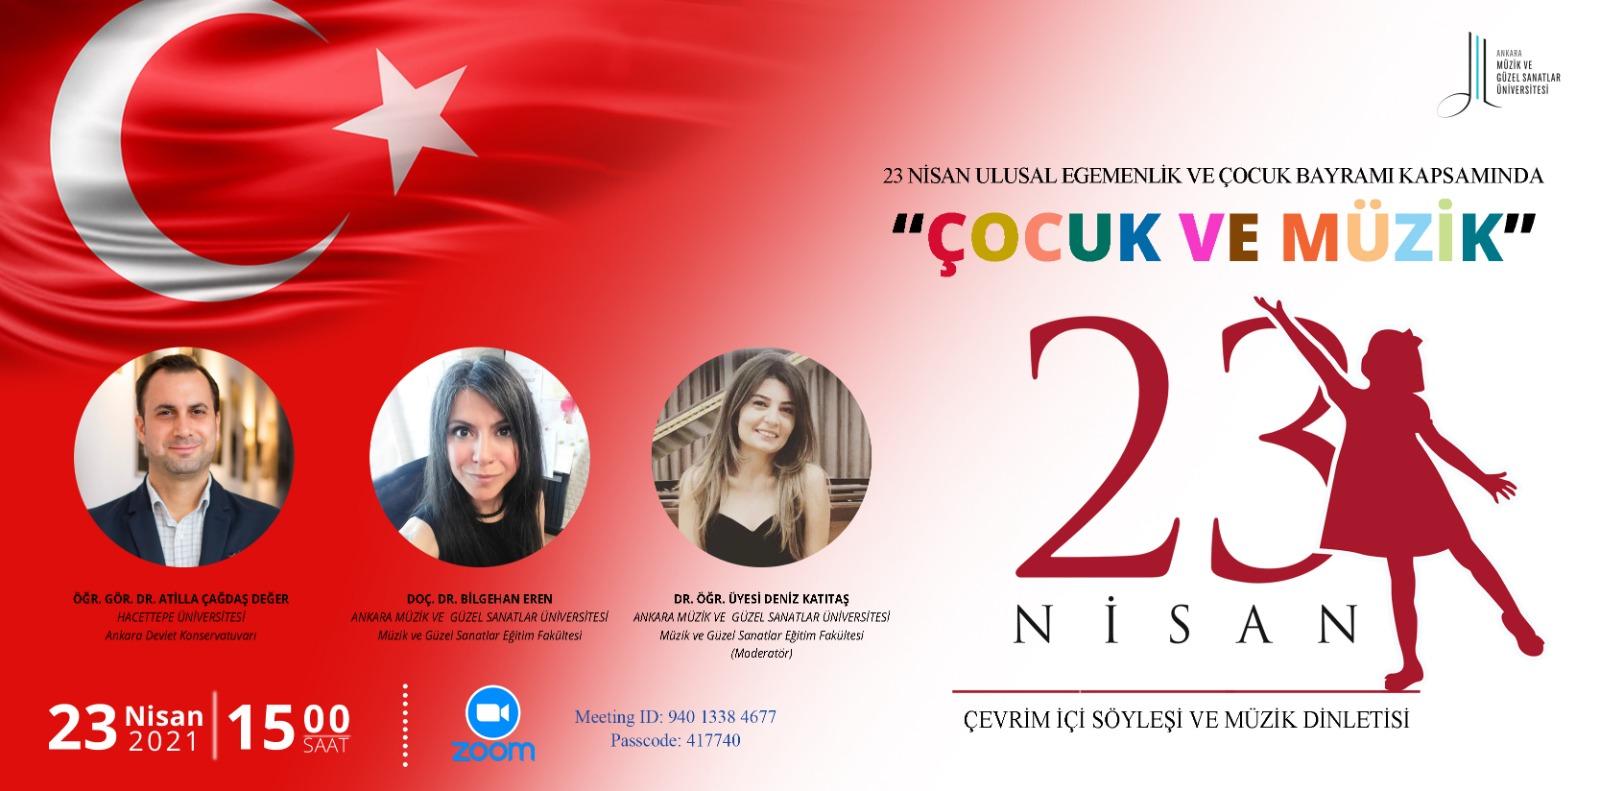 """23 NİSAN ULUSAL EGEMENLİK VE ÇOCUK BAYRAMI KAPSAMINDA ÇEVRİMİÇİ SÖYLEŞİ VE MÜZİK DİNLETİSİ """"ÇOCUK VE MÜZİK"""""""